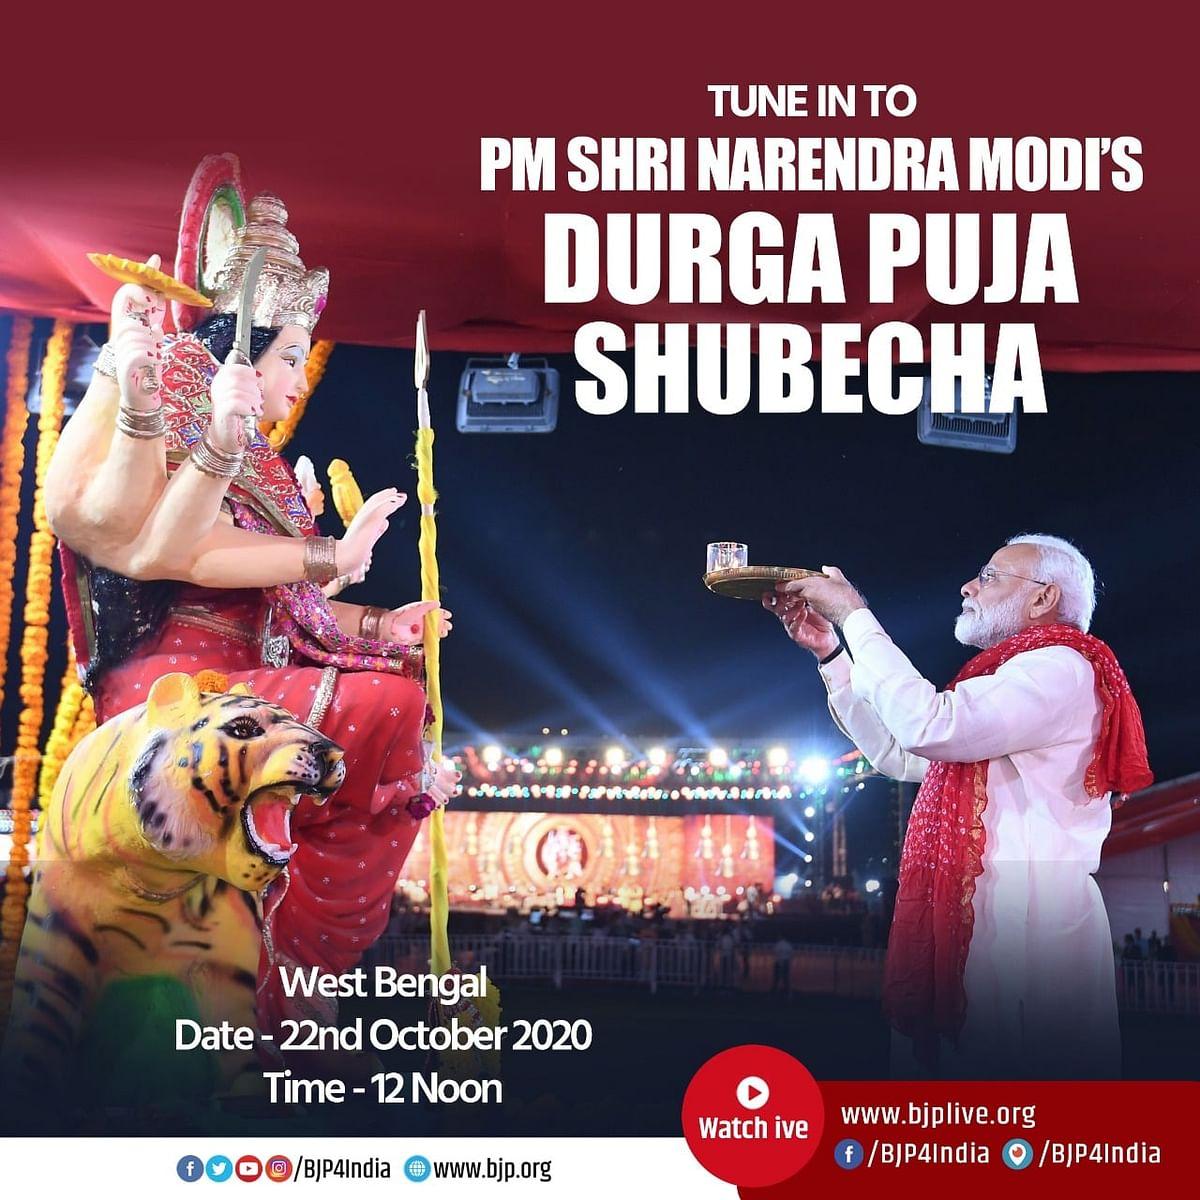 Durga Puja 2020 : प्रधानमंत्री नरेंद्र मोदी महाषष्ठी पर वीडियो कॉन्फ्रेंसिंग से आज बंगाल के लोगों को करेंगे संबोधित